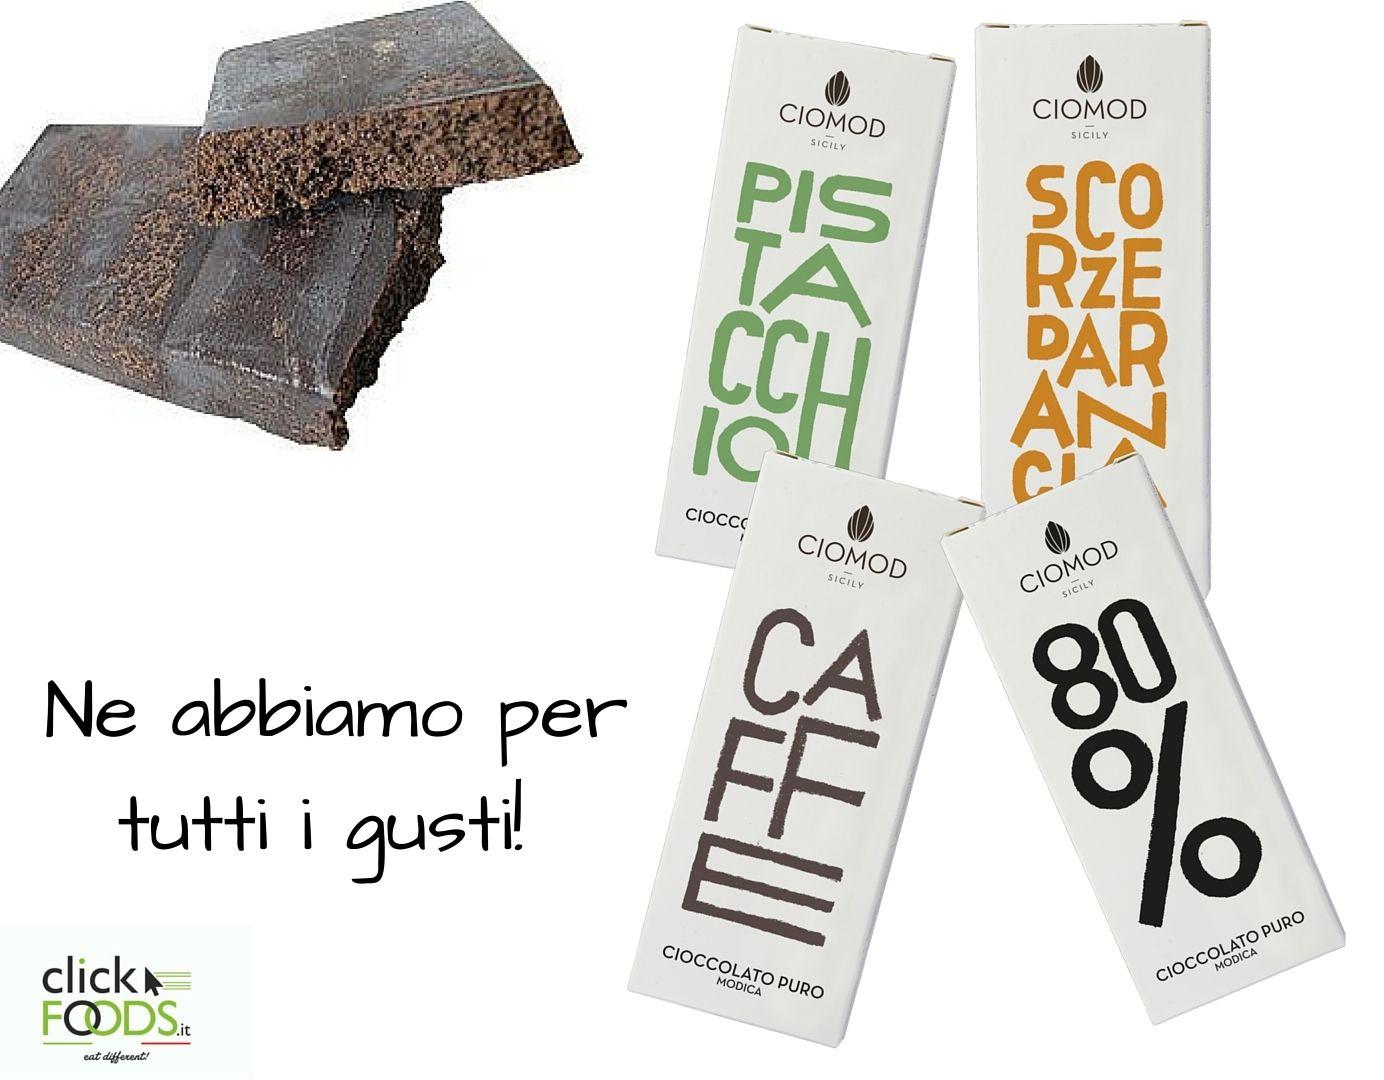 Di #Cioccolato non ne abbiamo mai abbastanza! Scopri le tante varietà su http://bit.ly/1SLCa7c  Ciomod #eatdifferent #foodporn #Cioccolato #di #Modica